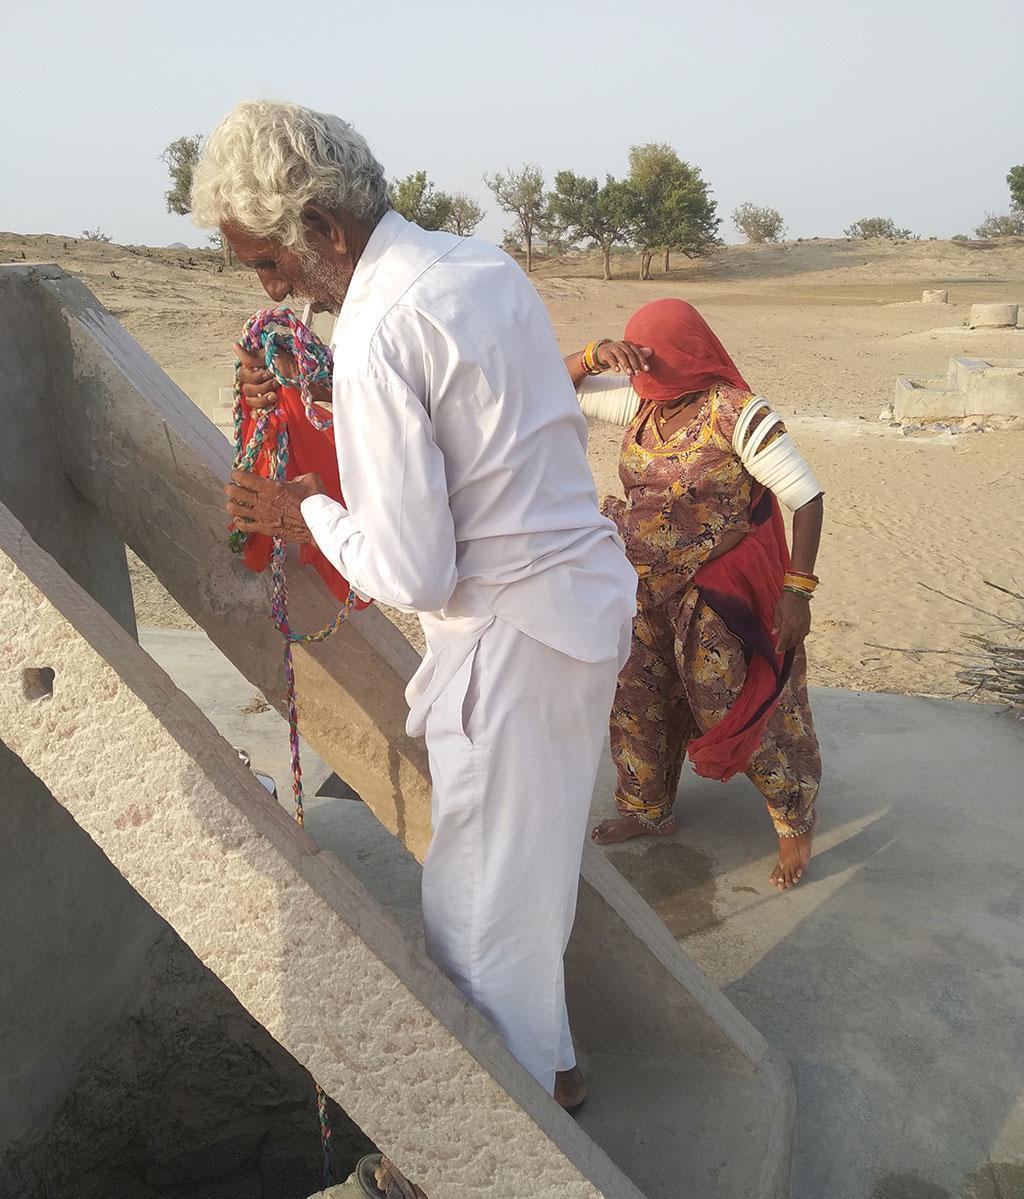 राजस्थान के बाड़मेर जिले के रामसर के पार में हाल में ही एक नवनिर्मित बेरी से मीठा पानी निकालते हरलाल अपने परिवार के साथ